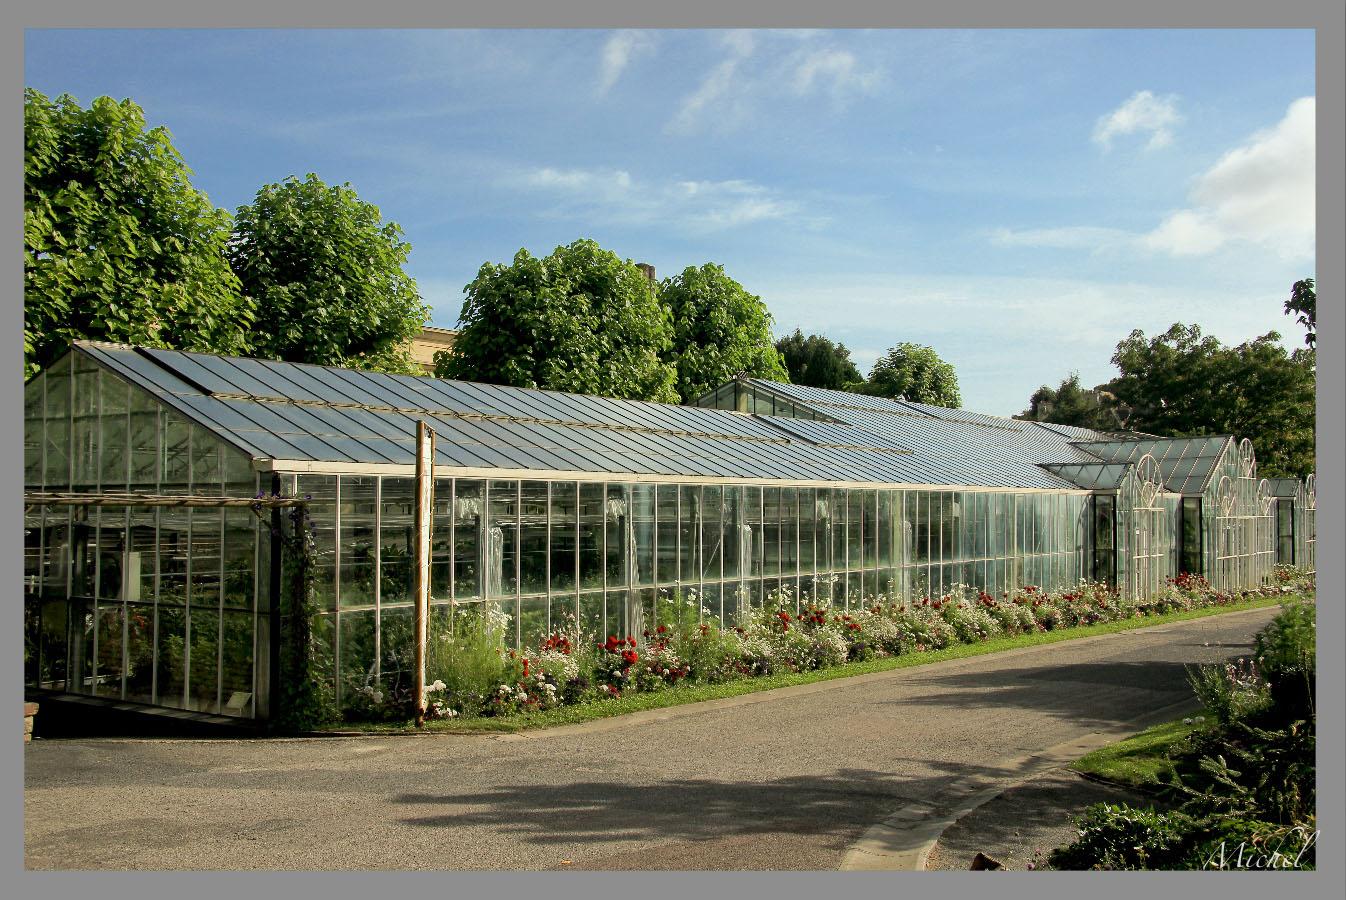 Jardin botanique dit jardin des plantes caen calvados - Le jardin des plantes caen ...